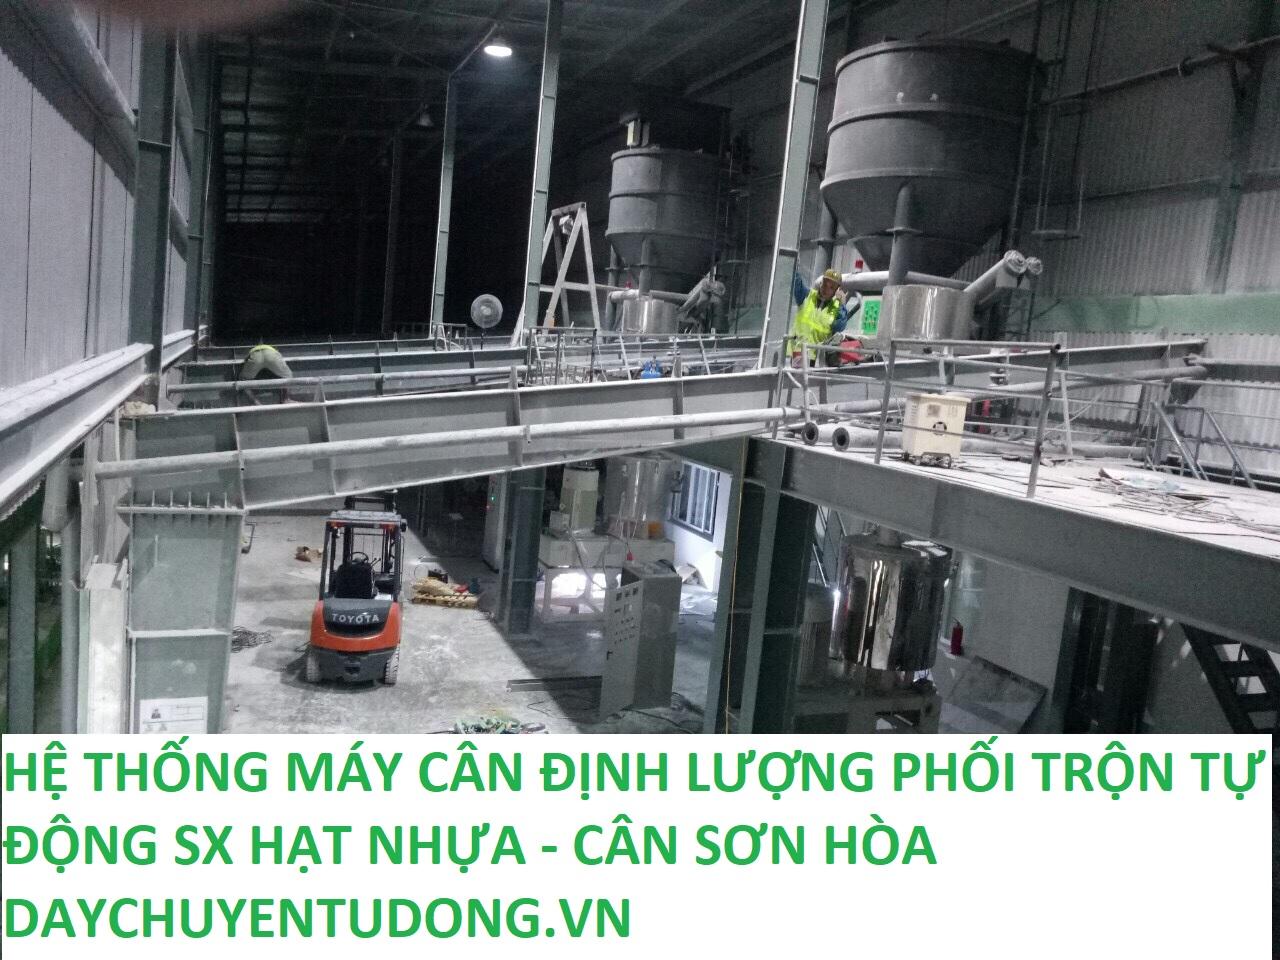 Máy Cân Định Lượng Phối Trộn 7 Thành Phần sản xuất Hạt Nhựa